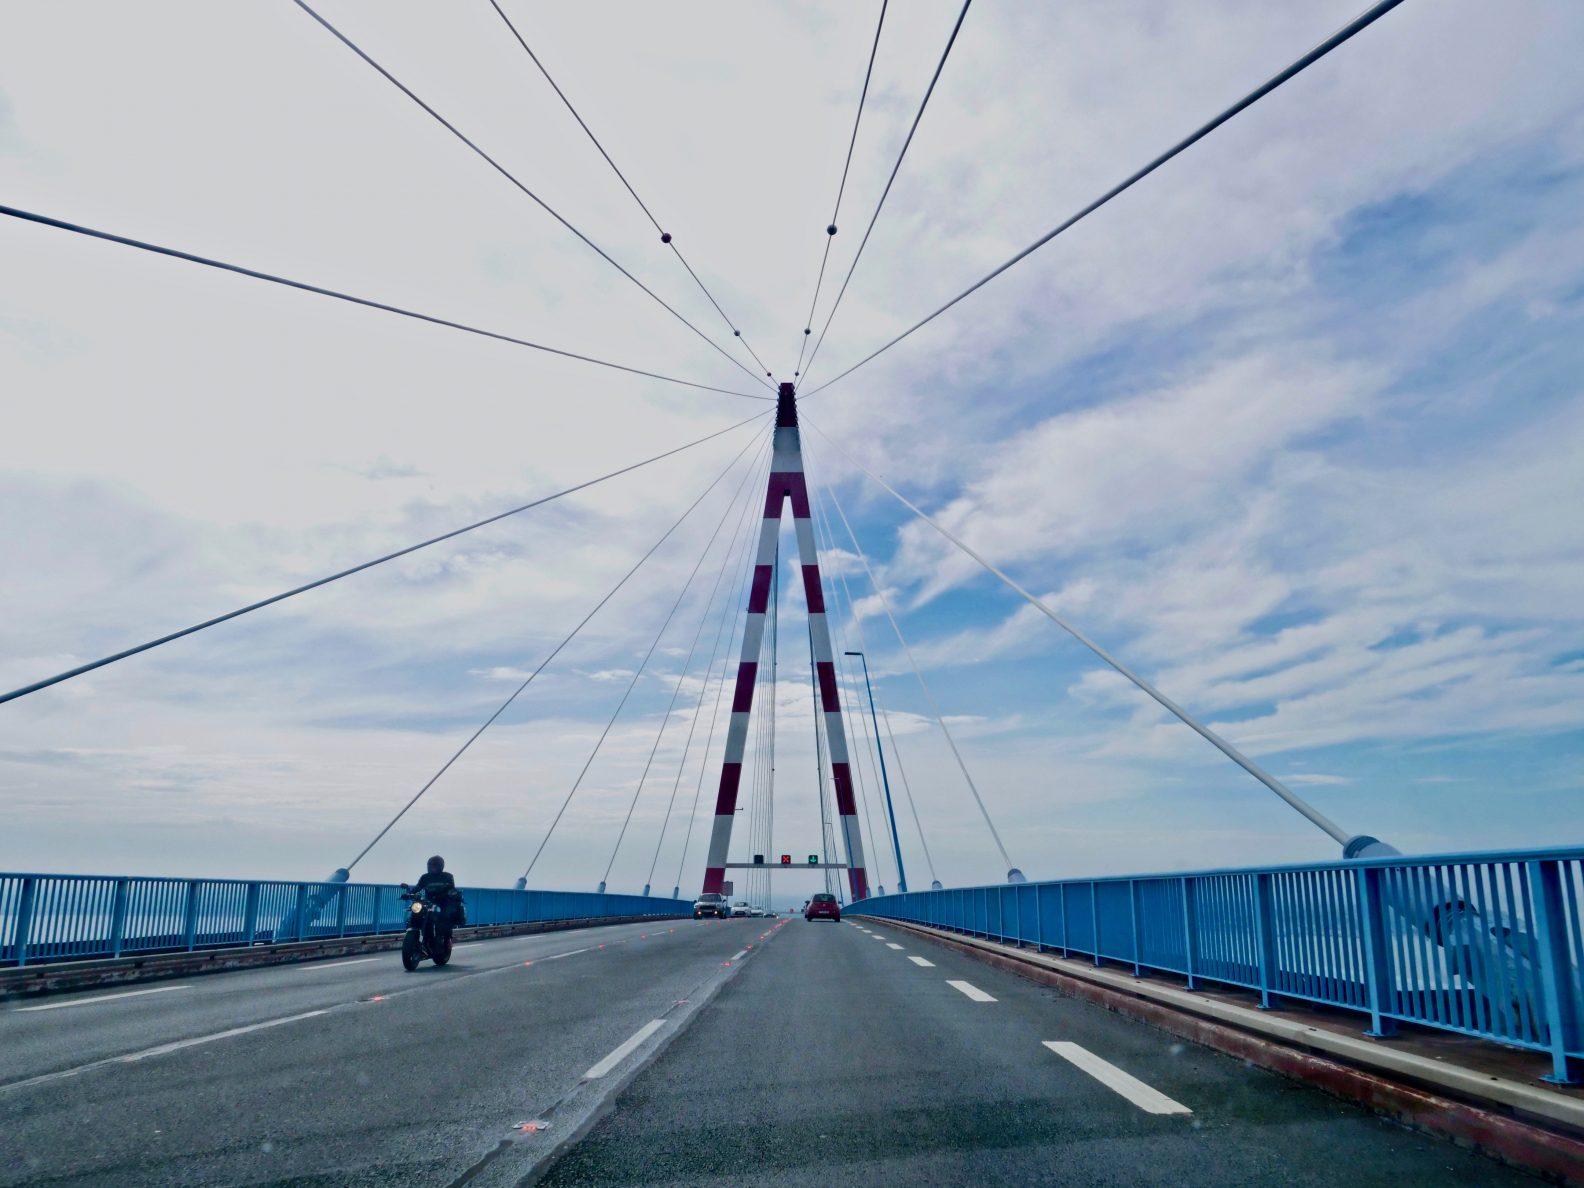 L'un des plus grands ponts de France se trouve à Saint-Nazaire